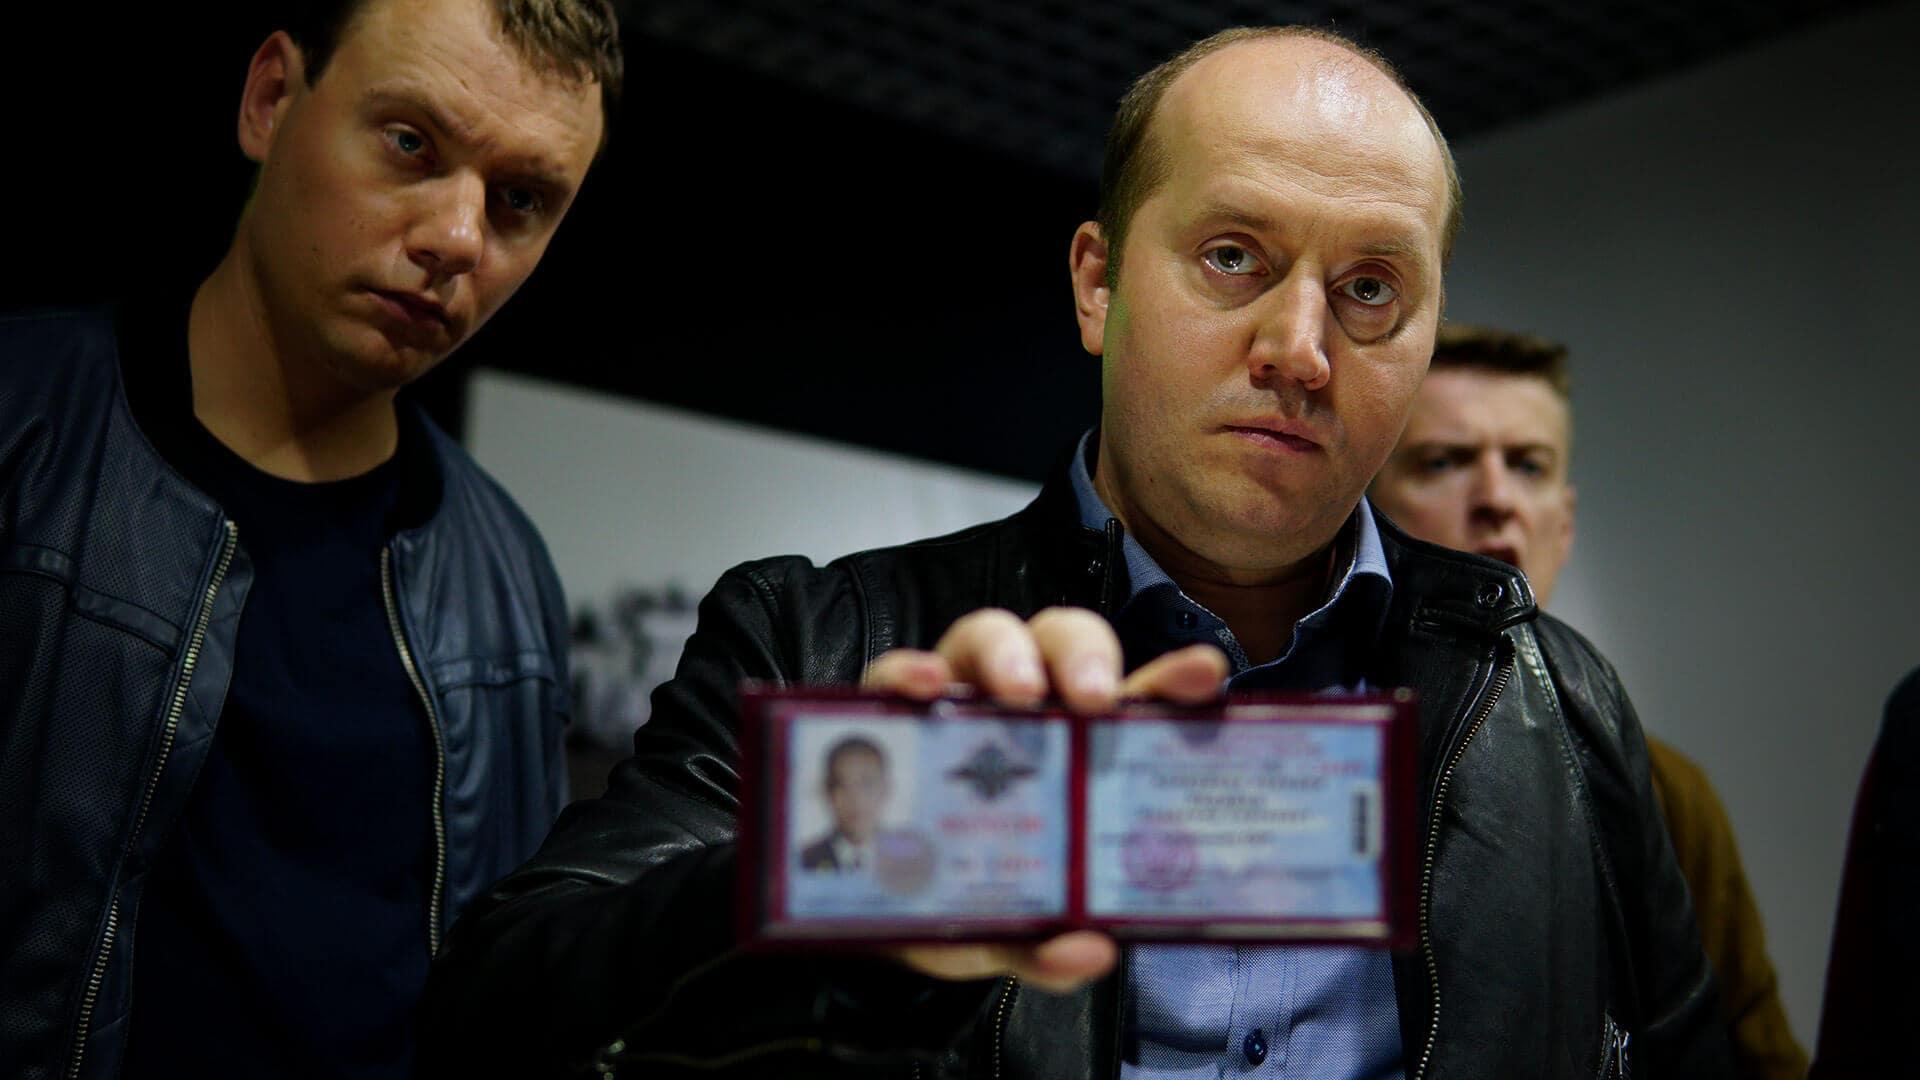 Полицейский с Рублевки 4 сезон все серии смотреть онлайн на тнт премьер